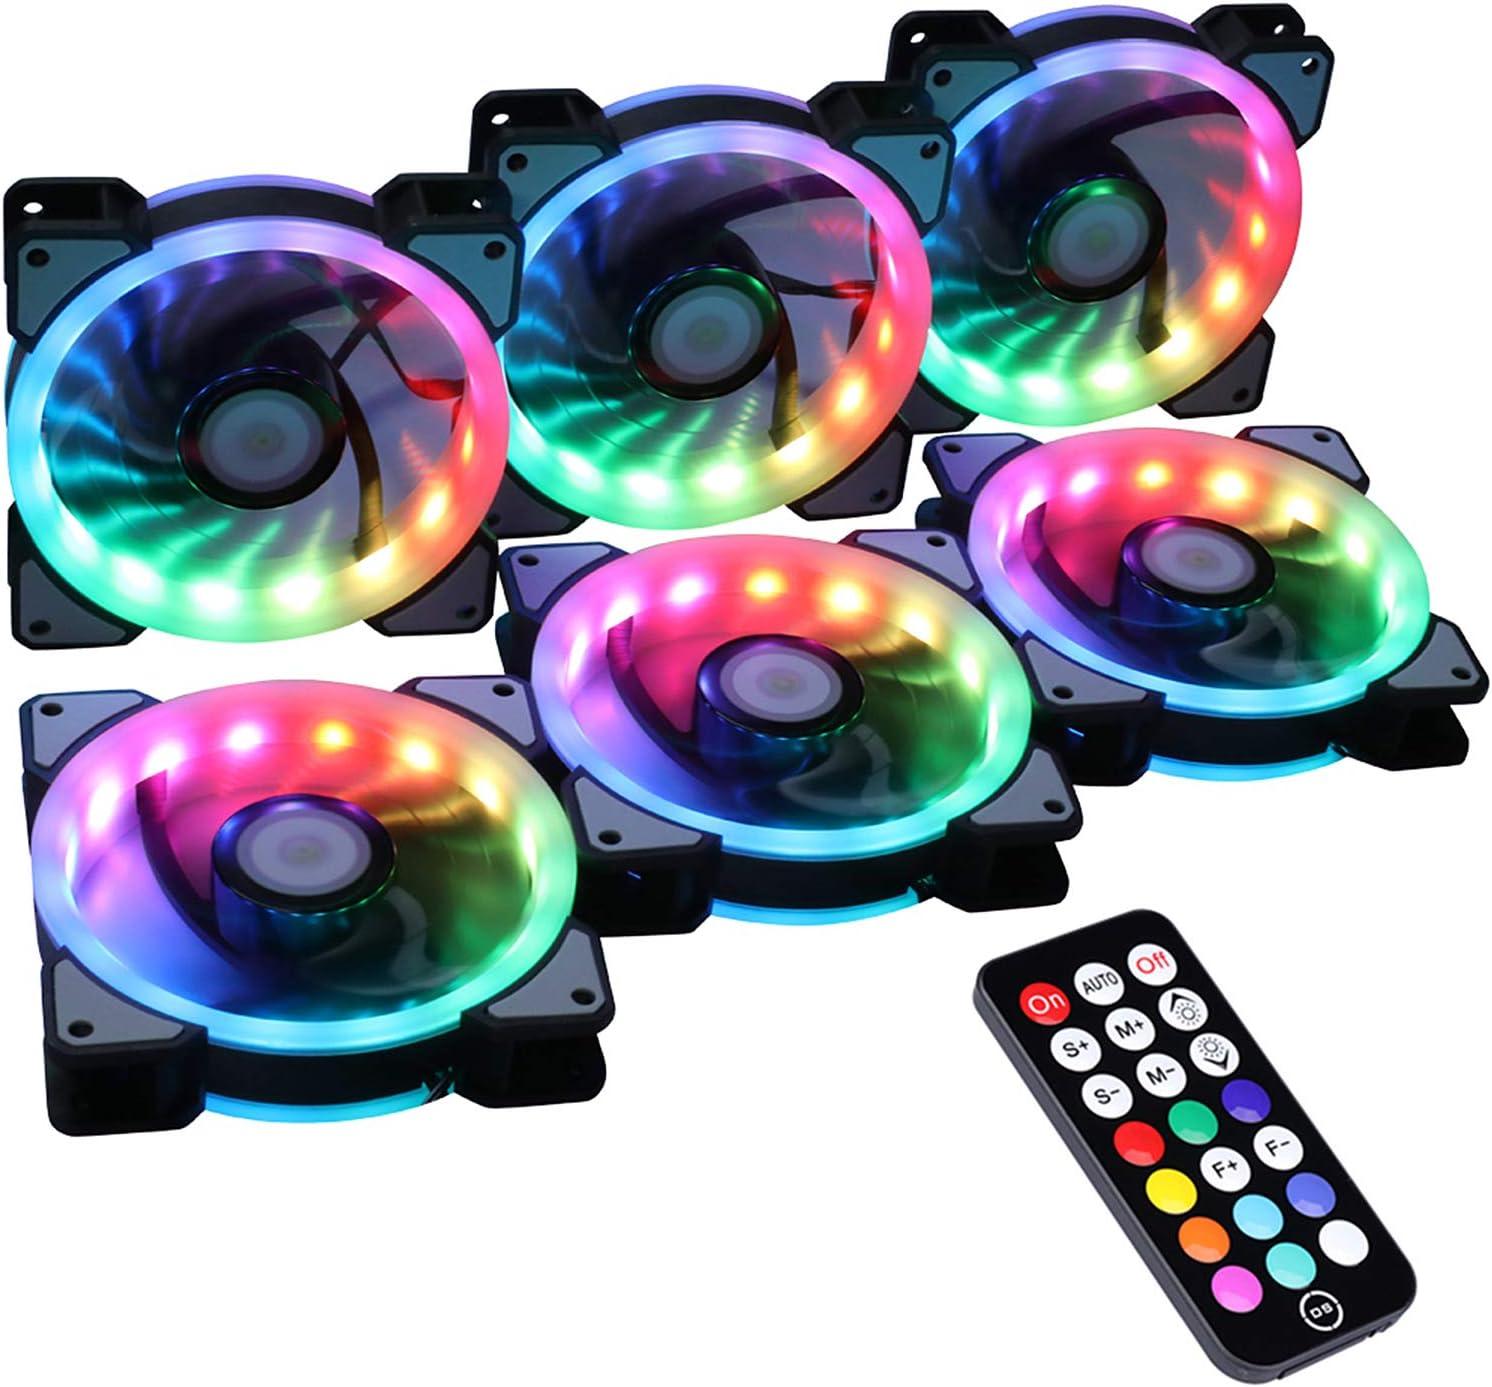 Ubanner sans Fil RVB LED 120 mm Ventilateur de boîtier avec contrôleur pour PC Cases, refroidisseurs, radiateurs, Ventilateurs System (6PCS RGB,